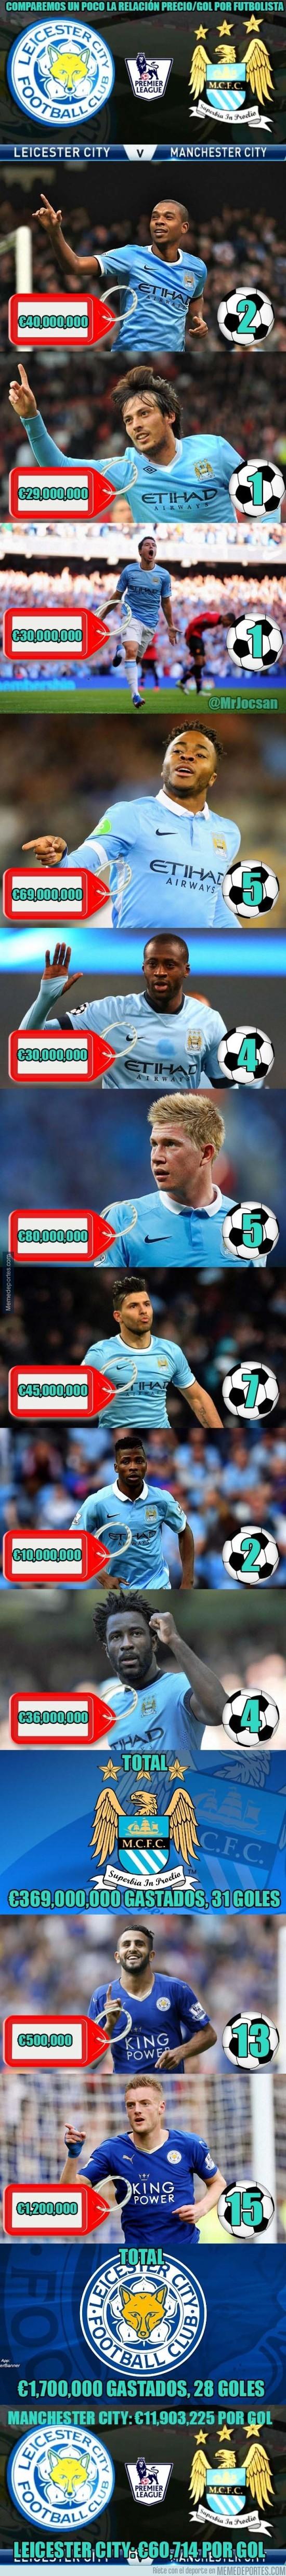 768972 - ¡BRUTAL comparación precio/gol por jugador entre Leicester City y Manchester City!